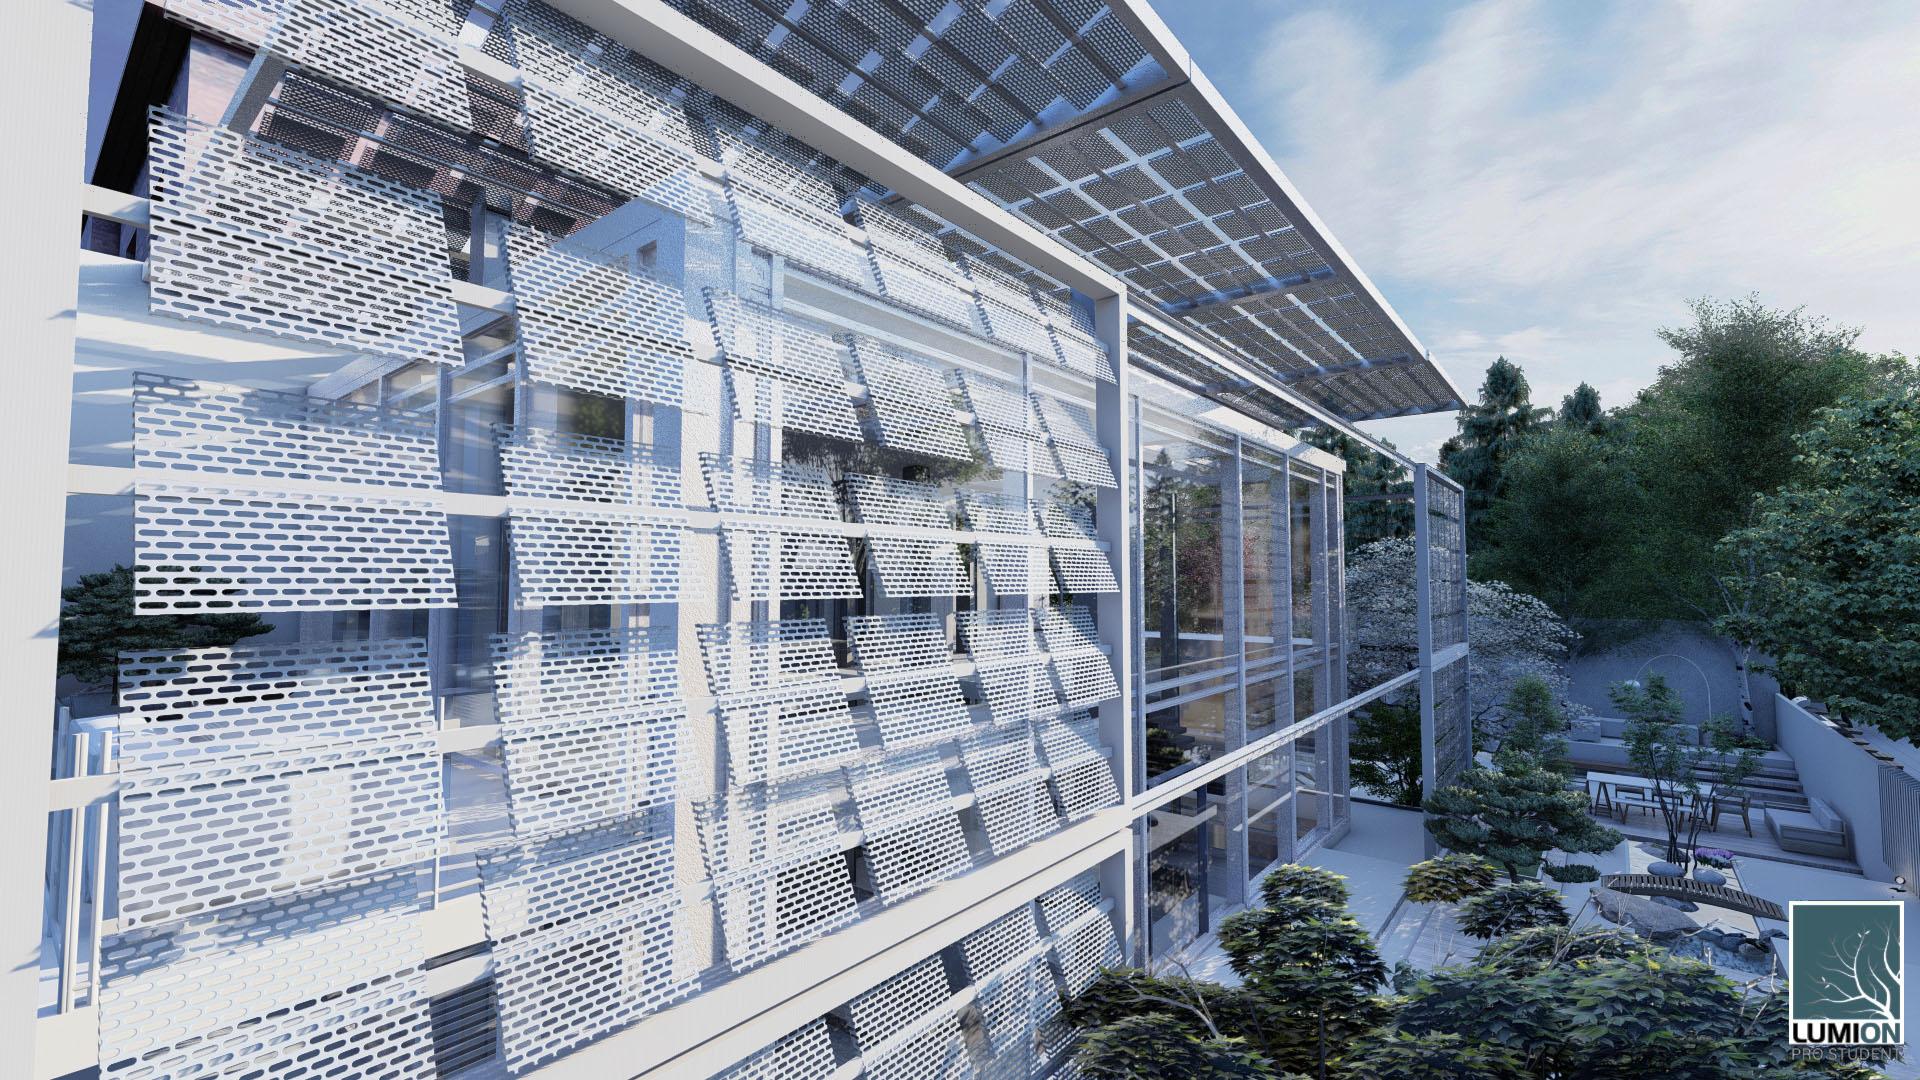 RENDER 5 Schiebehaus Studente Lorenzo Fortunato classe 3G architettura prof. Anzalone